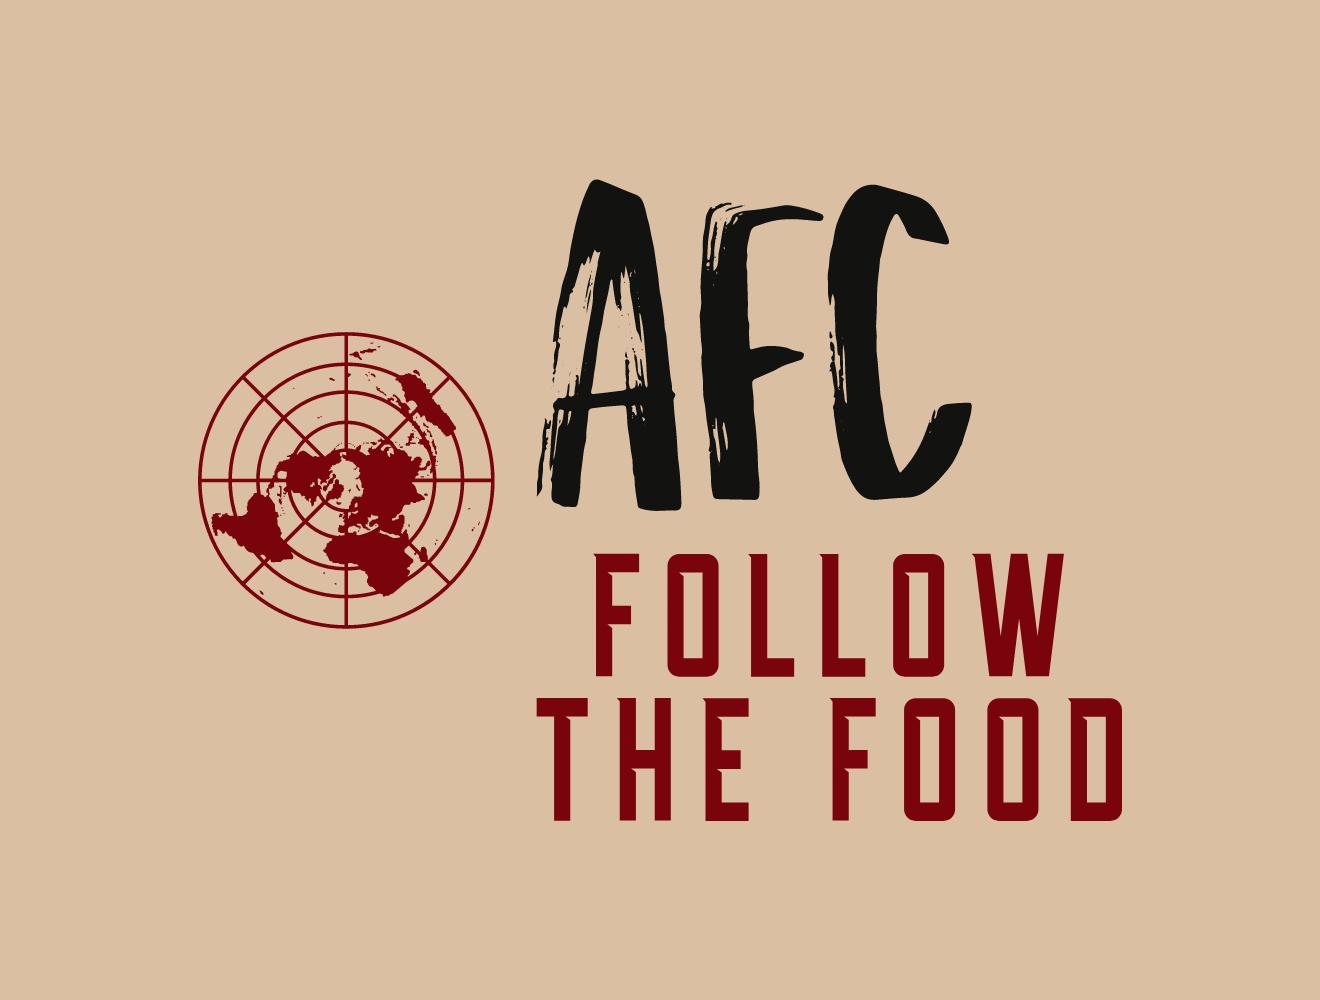 FOLLOW THE FOOD